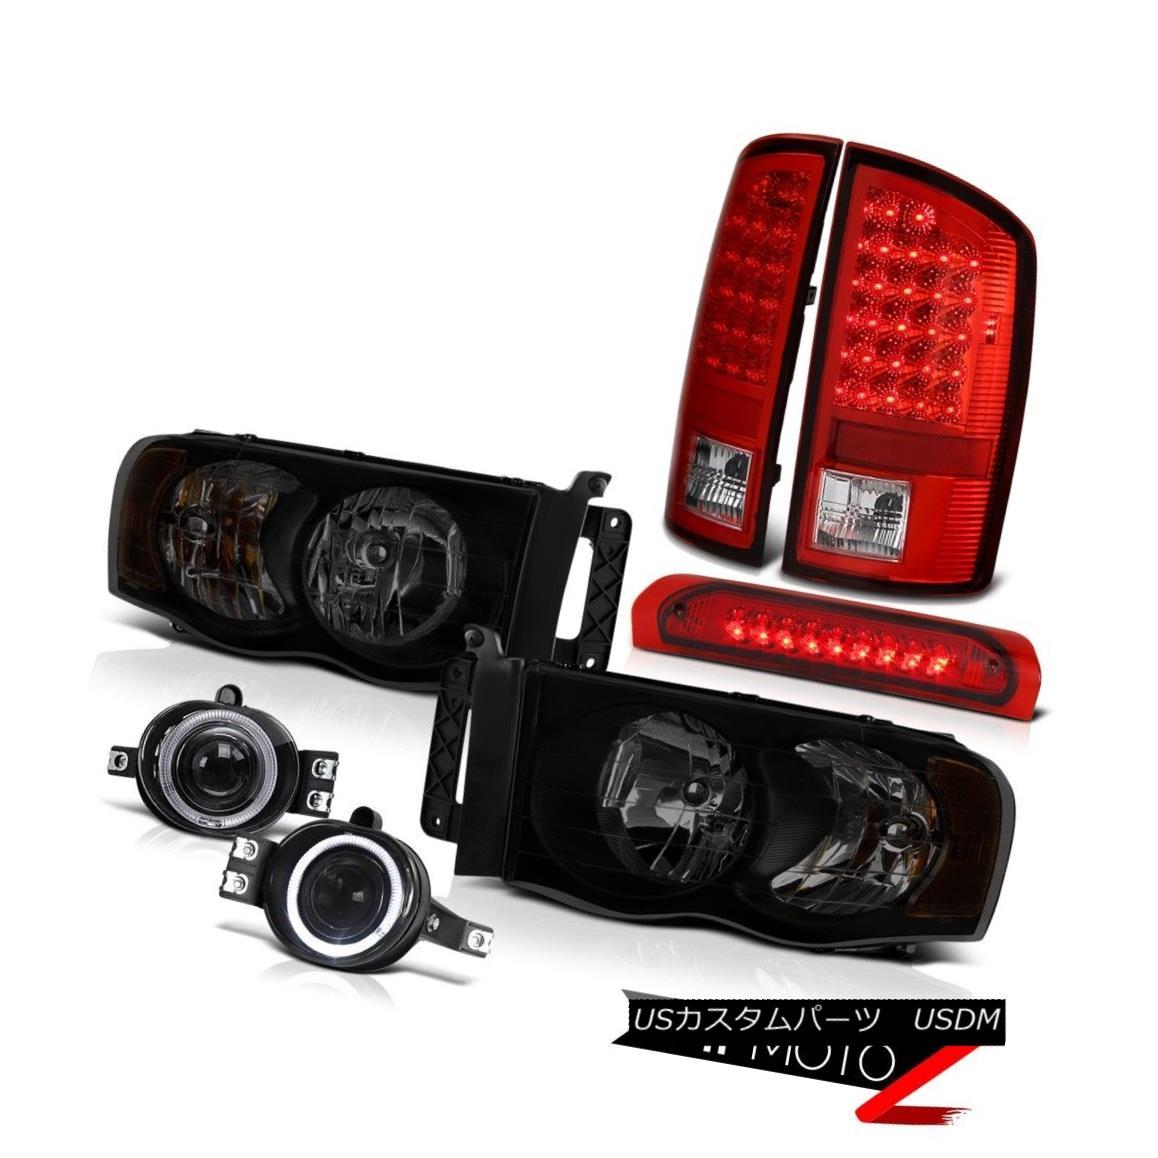 ヘッドライト 02-05 Ram 1500 2500 3500 St Headlamps Fog Lights Red 3RD Brake Lamp Taillights 02-05 Ram 1500 2500 3500セントヘッドランプフォグライト赤3RDブレーキランプテールライト